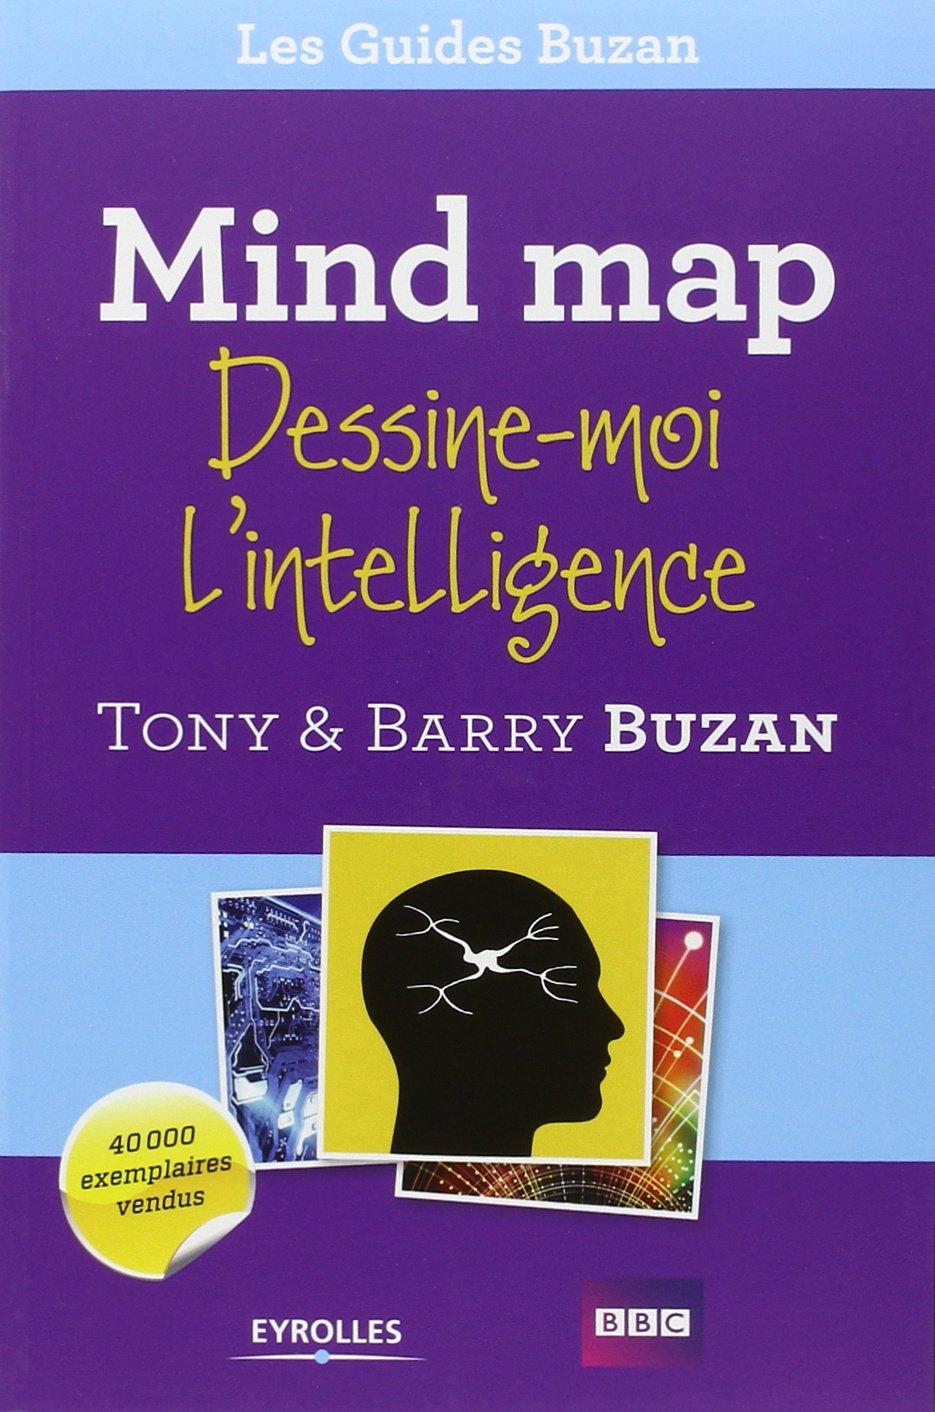 mind-map-dessine-moi-lintelligence